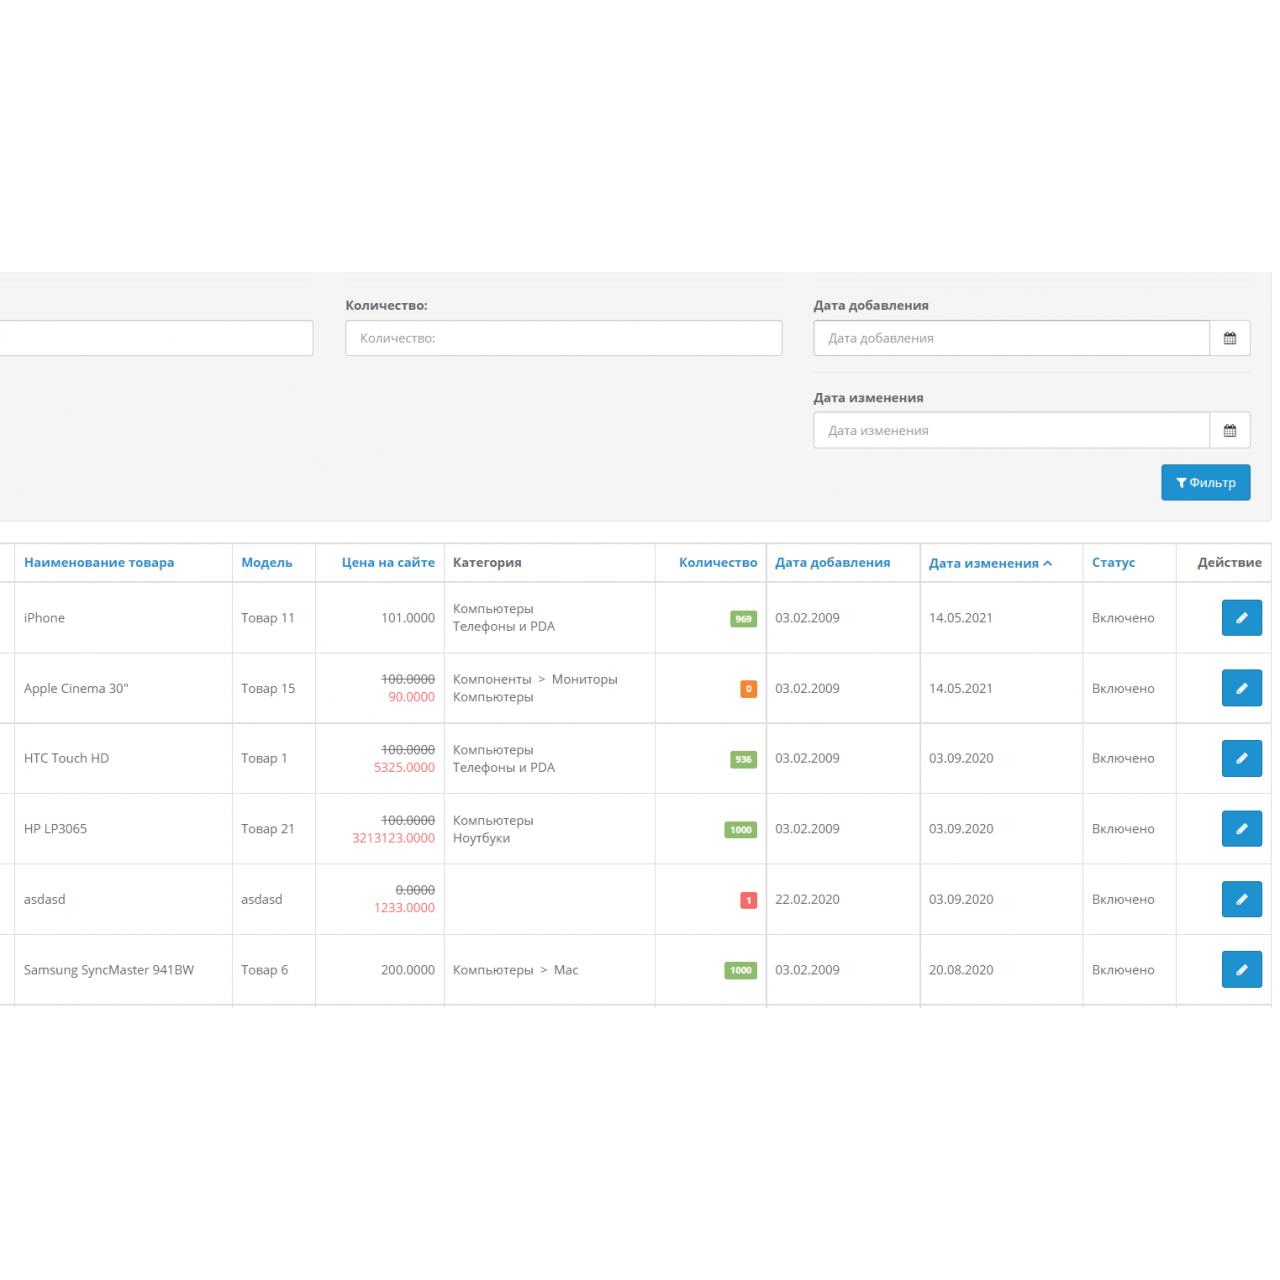 Фильтр товаров по дате добавления / изменения из категории Админка для CMS OpenCart (ОпенКарт)